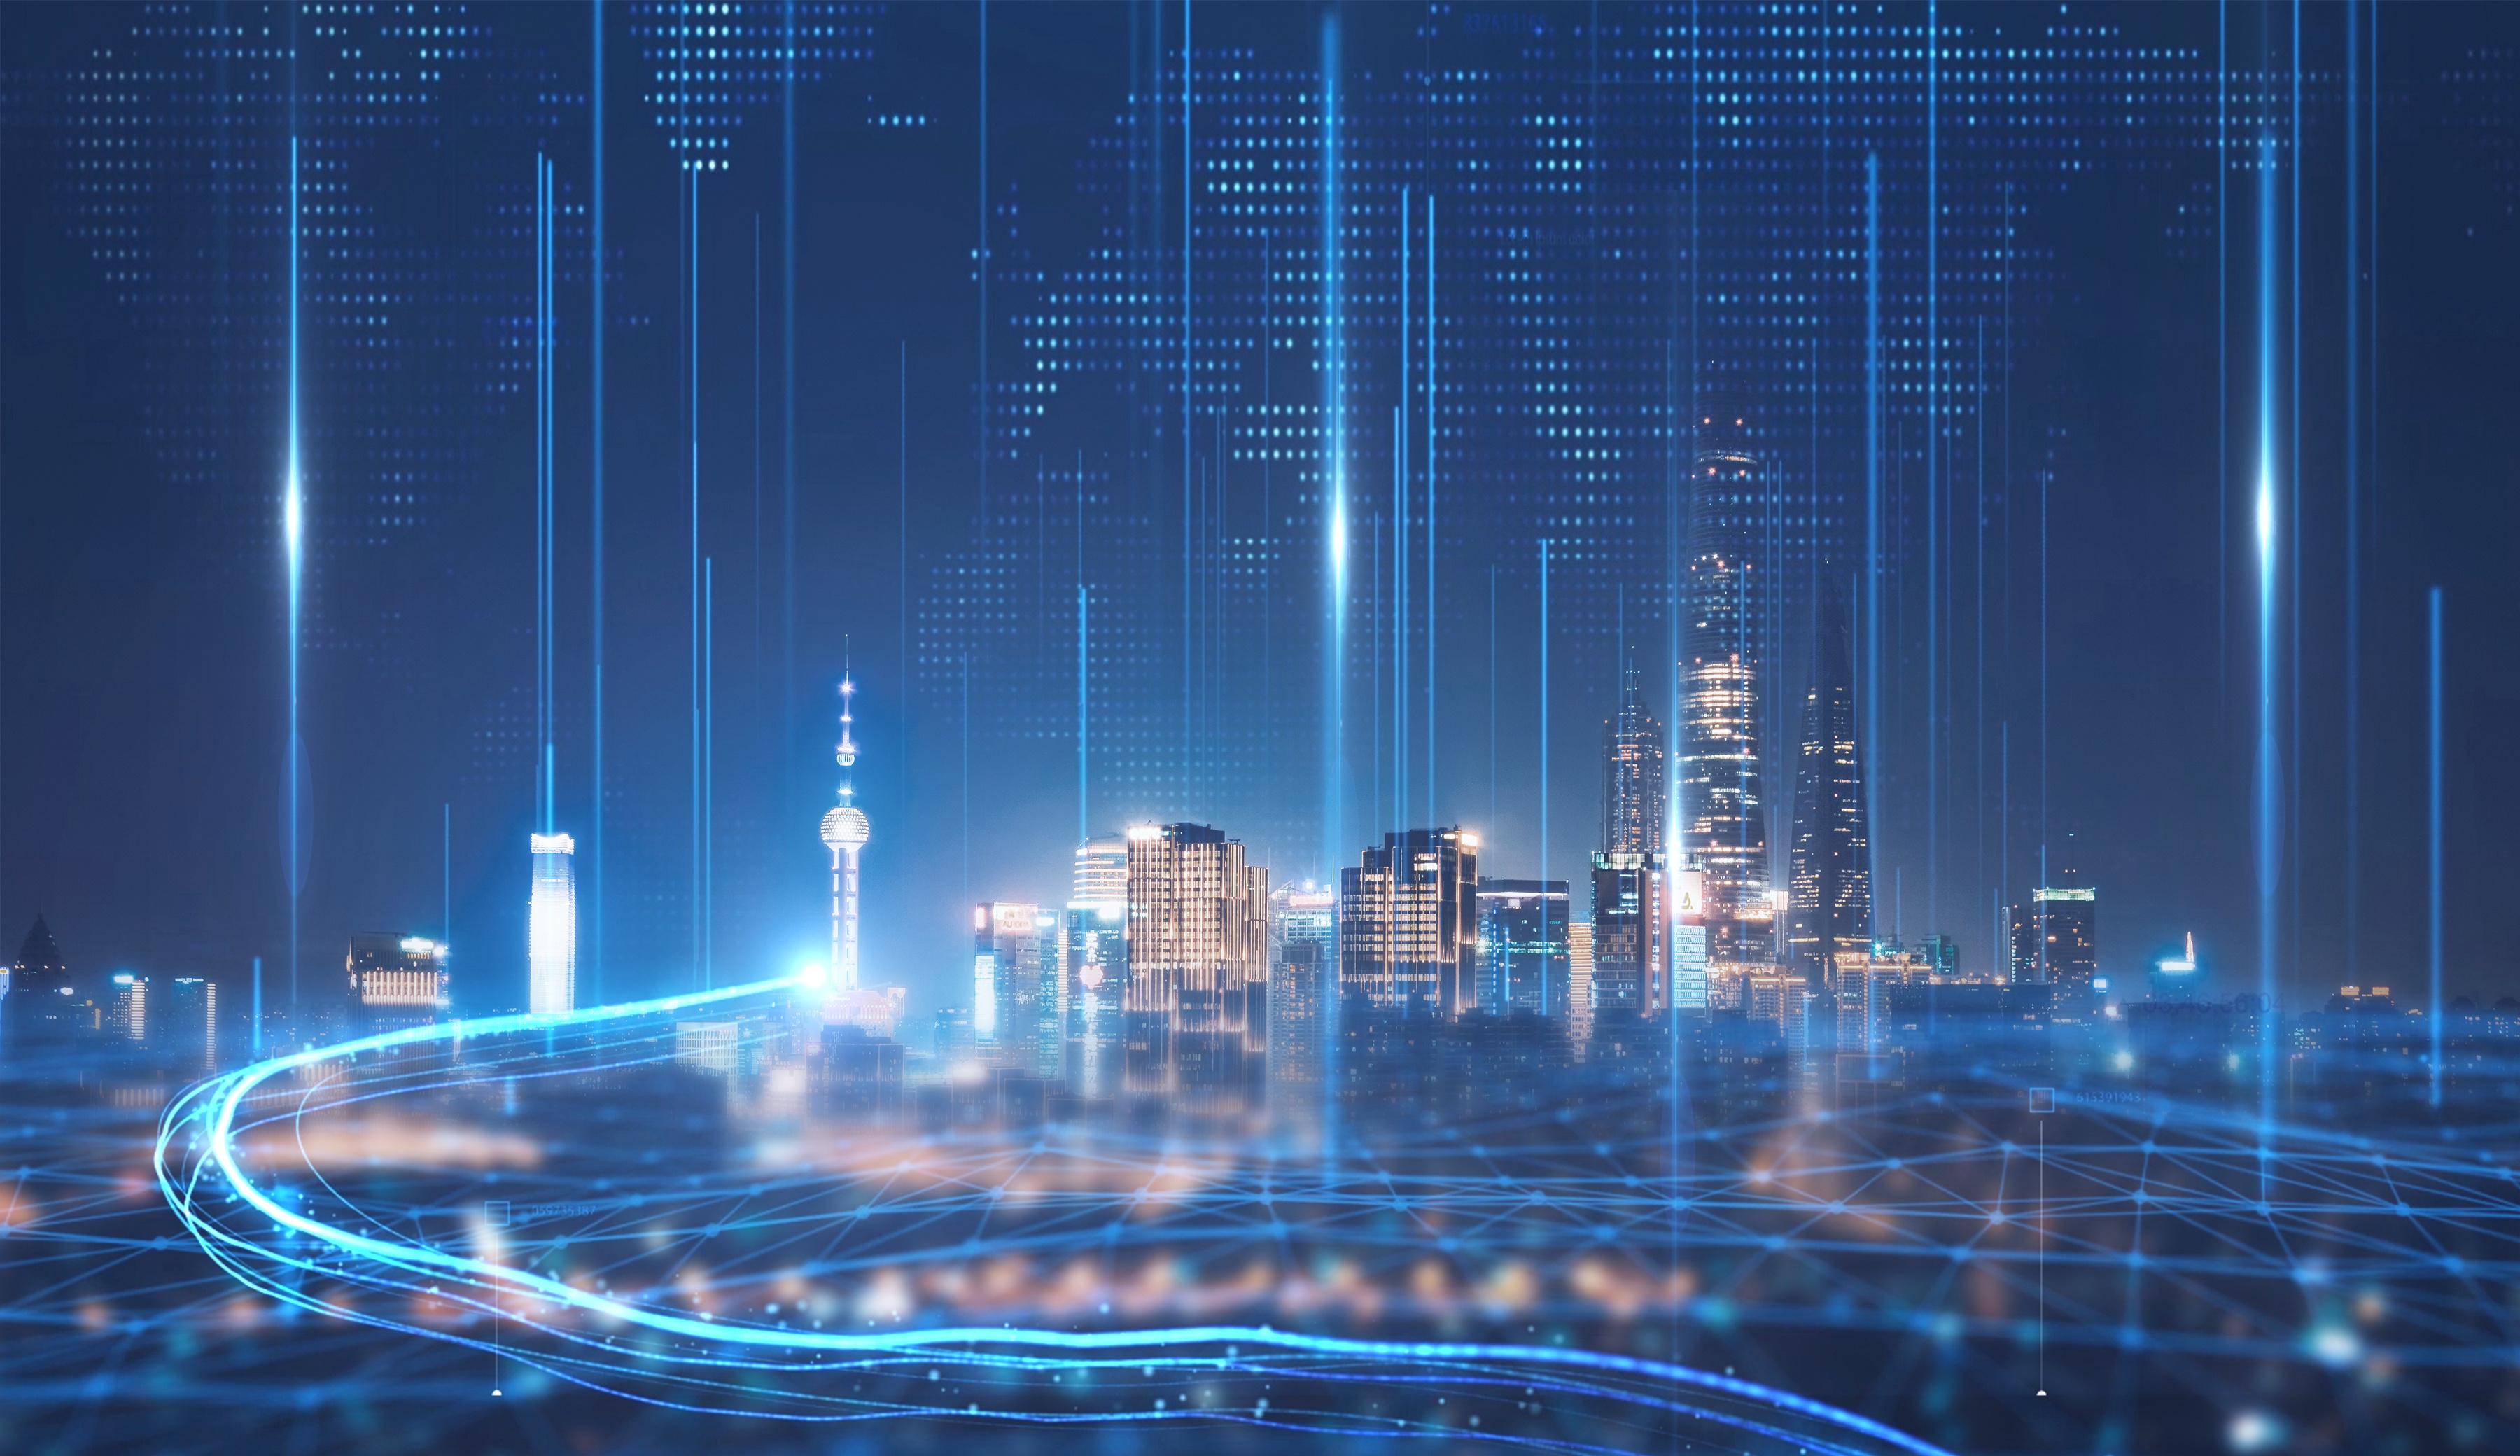 科技城市.jpg